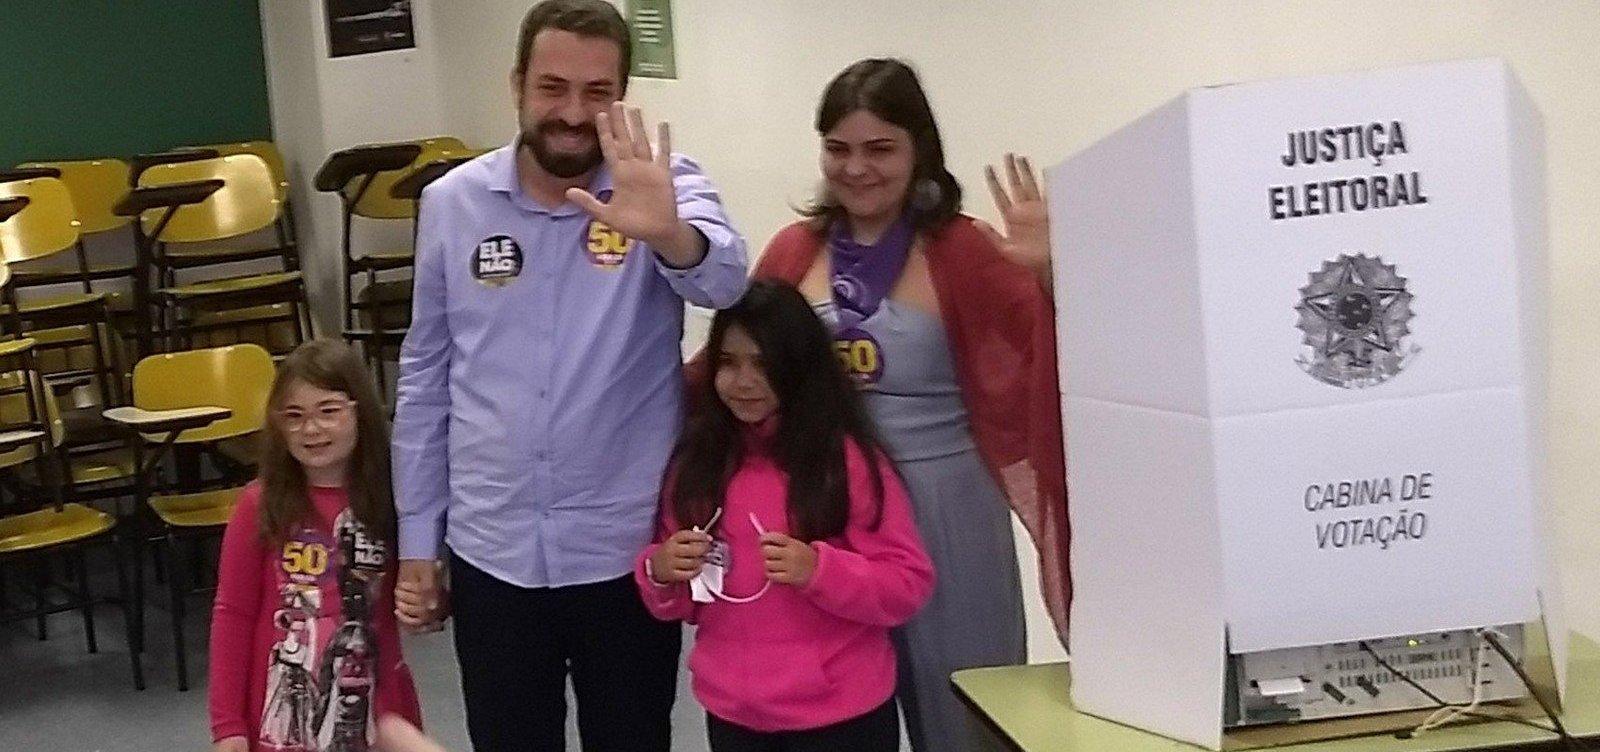 Após votar em SP, Boulos pede que eleitor não deposite 'medo e ódio' nas urnas